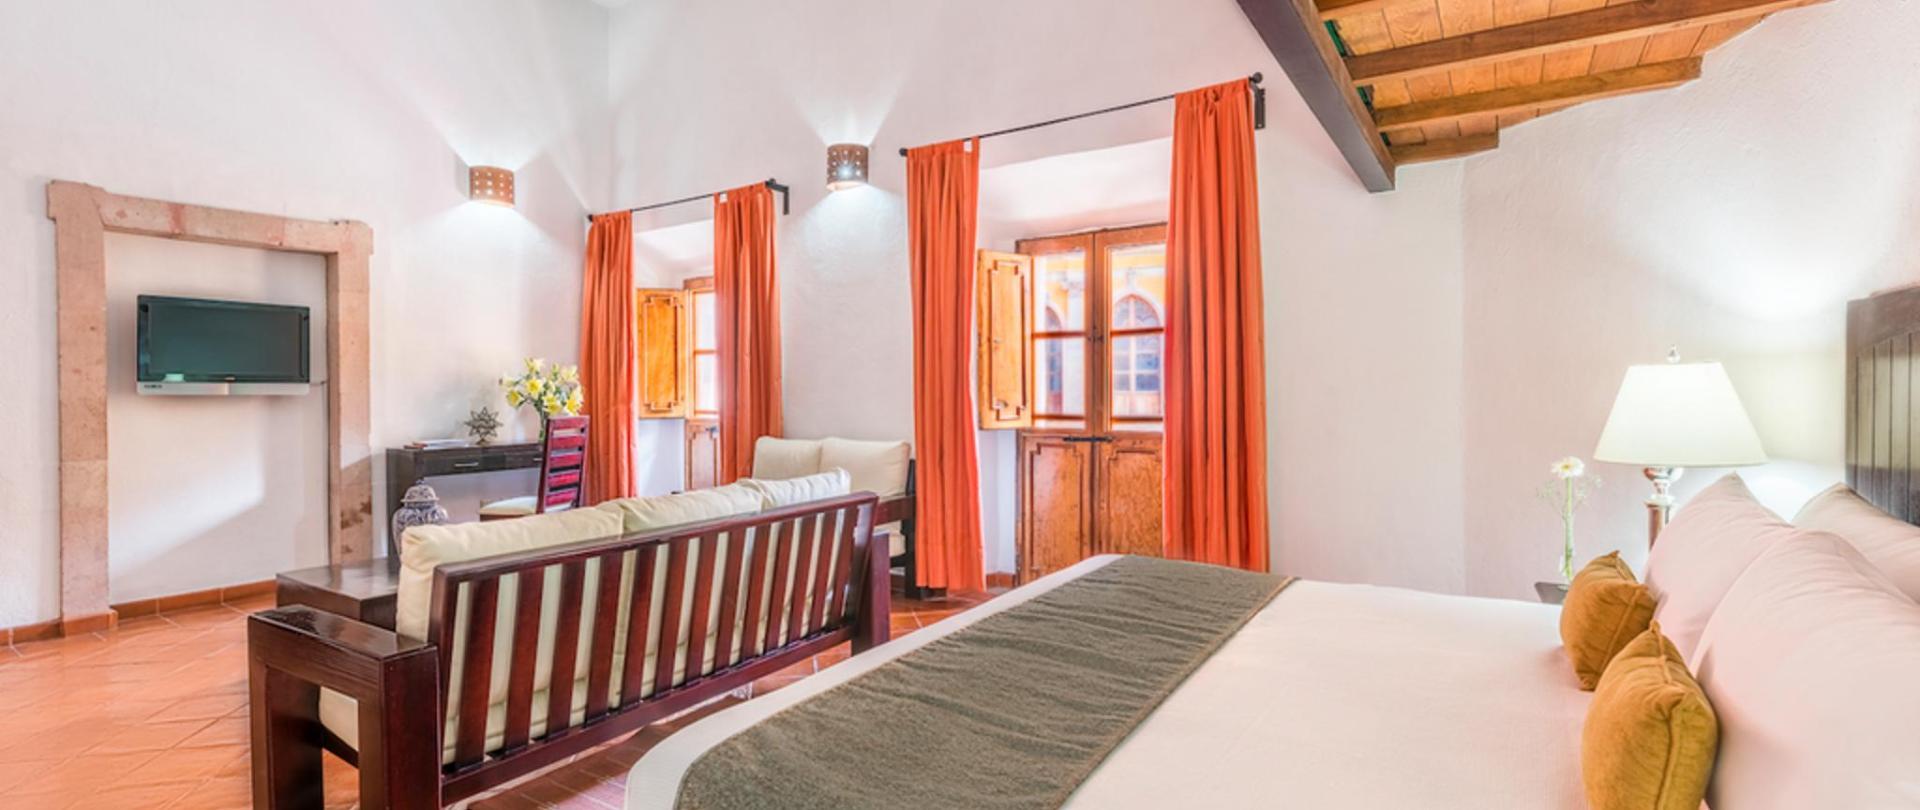 habitaciones-hotel-casa-virreyes-guanajuato9.png